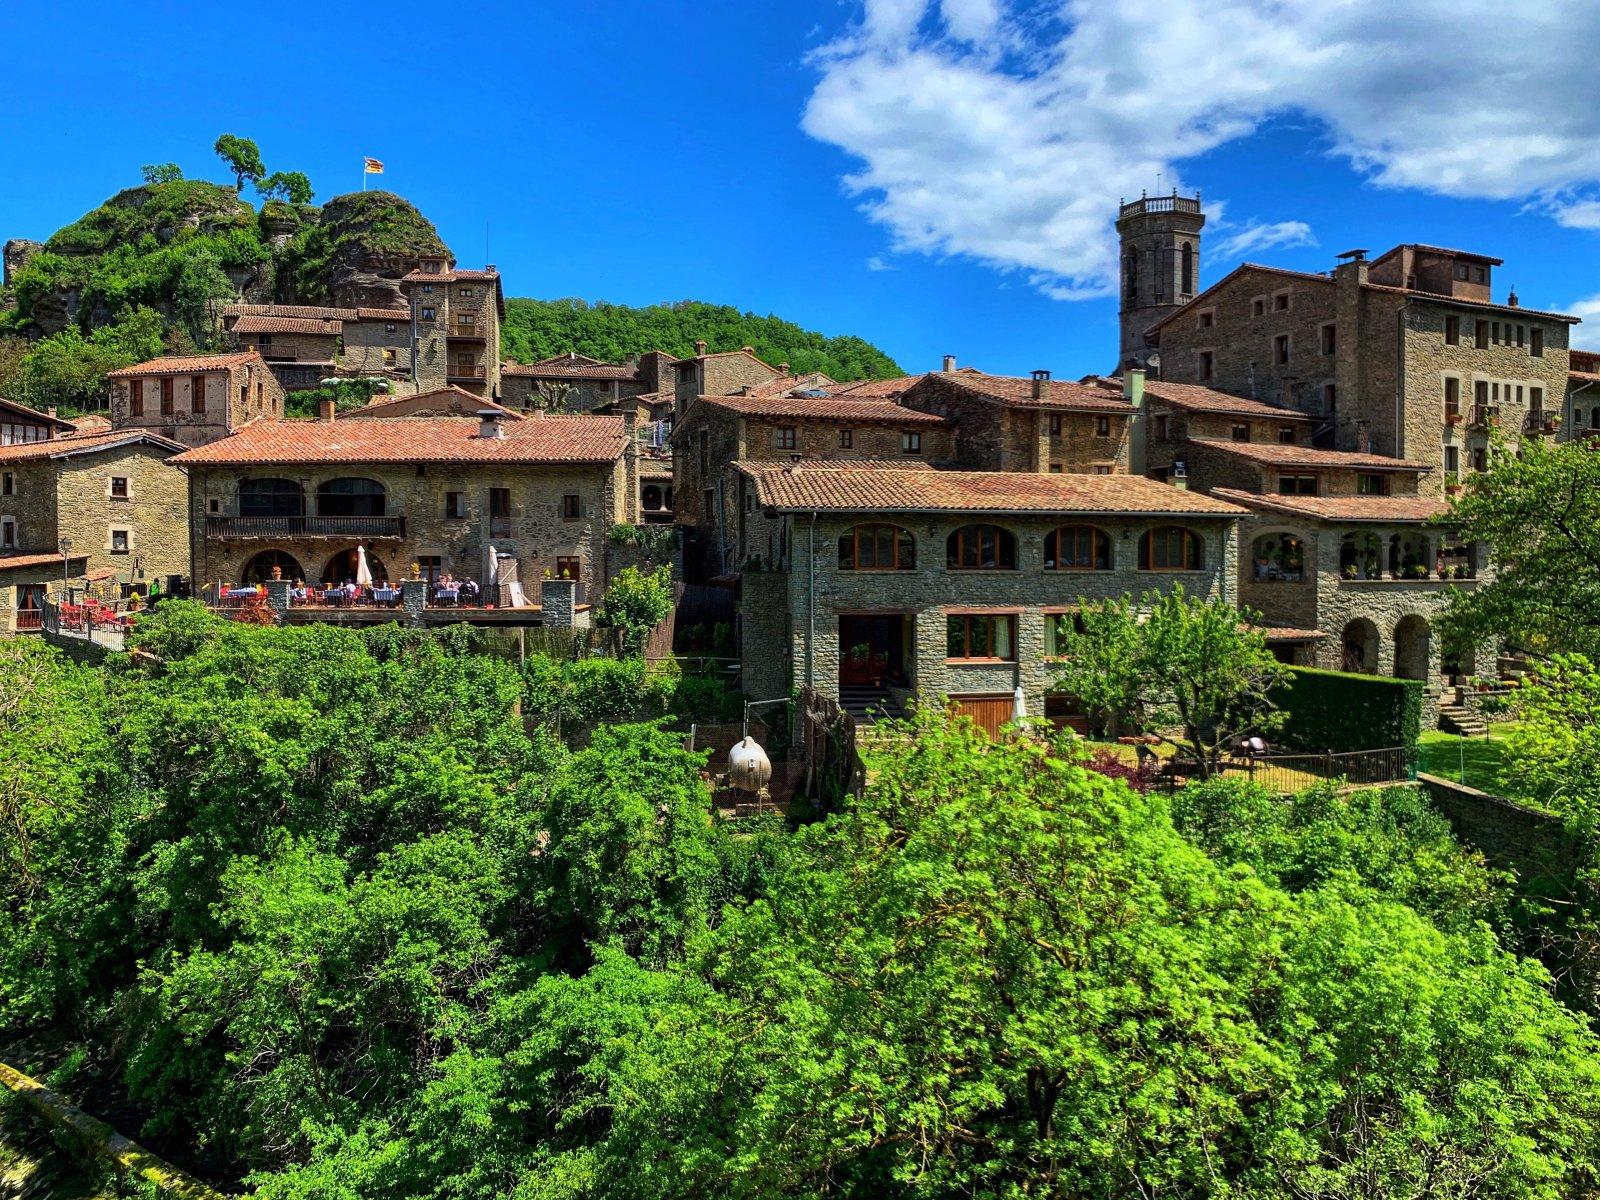 Город ведьм Рупит, город на скале Кастельфолит де Ла Рока и рыцарский город Бесалу